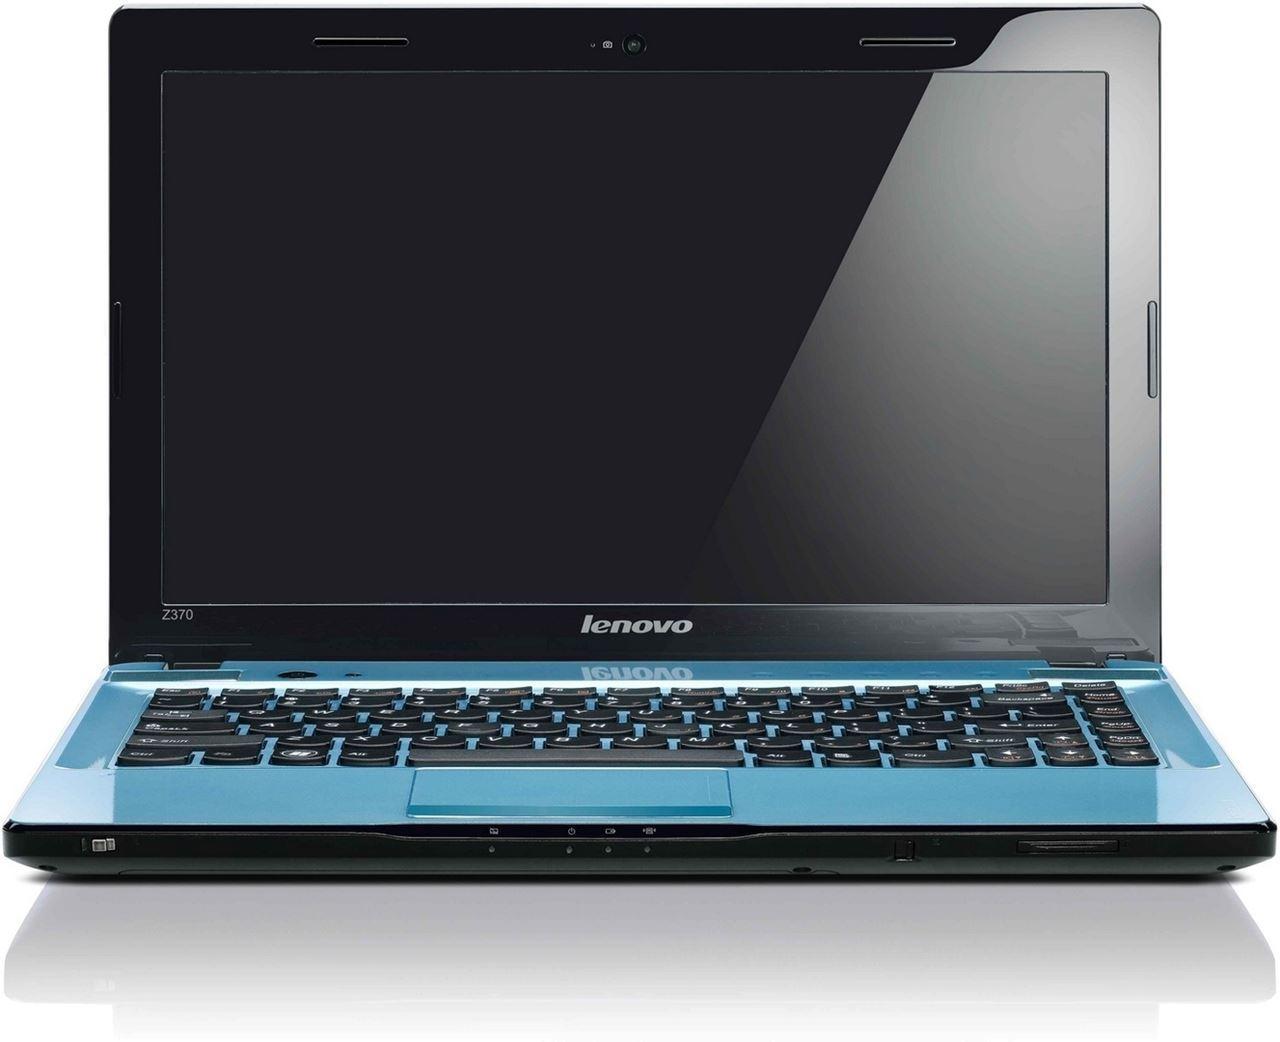 Lenovo IdeaPad Z370 ( LL-531)